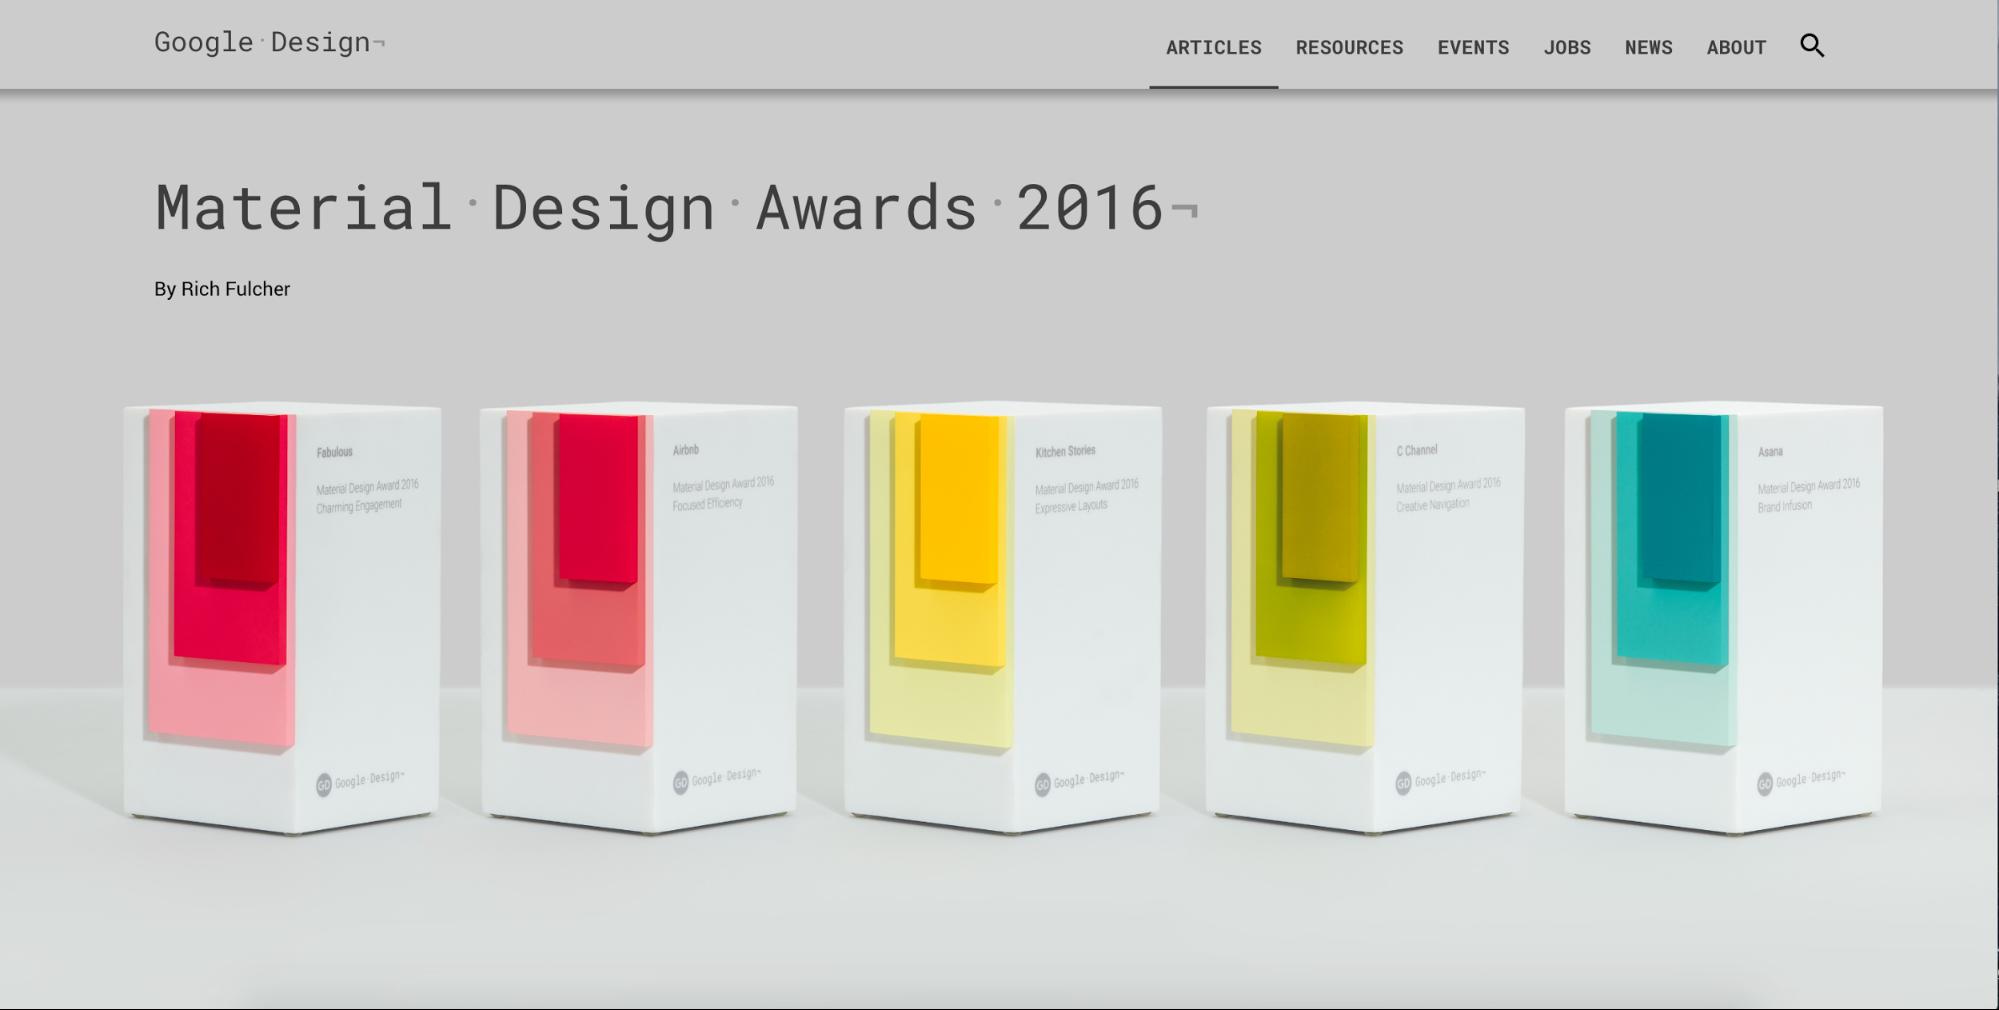 Material Design Award winners